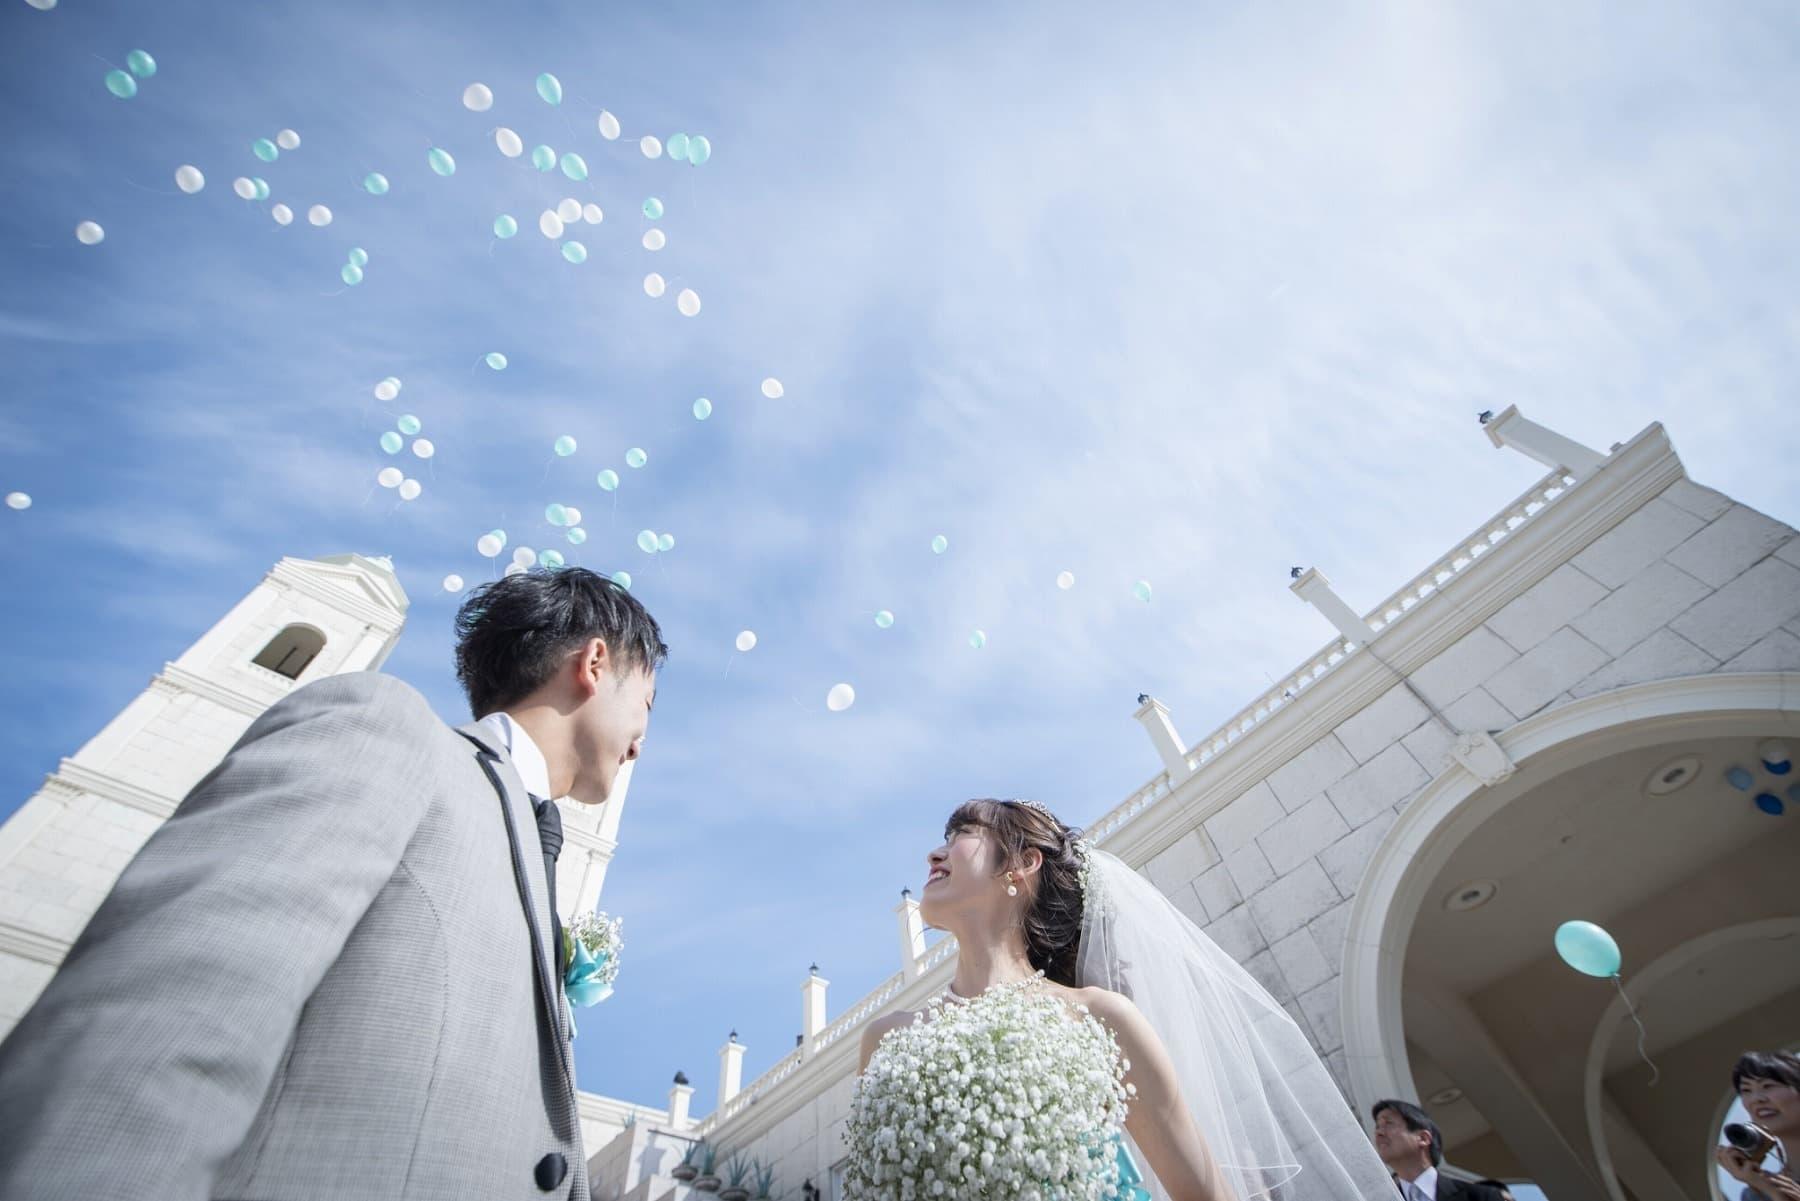 香川の結婚式場シェルエメール&アイスタイル 大階段でバルーンリリース